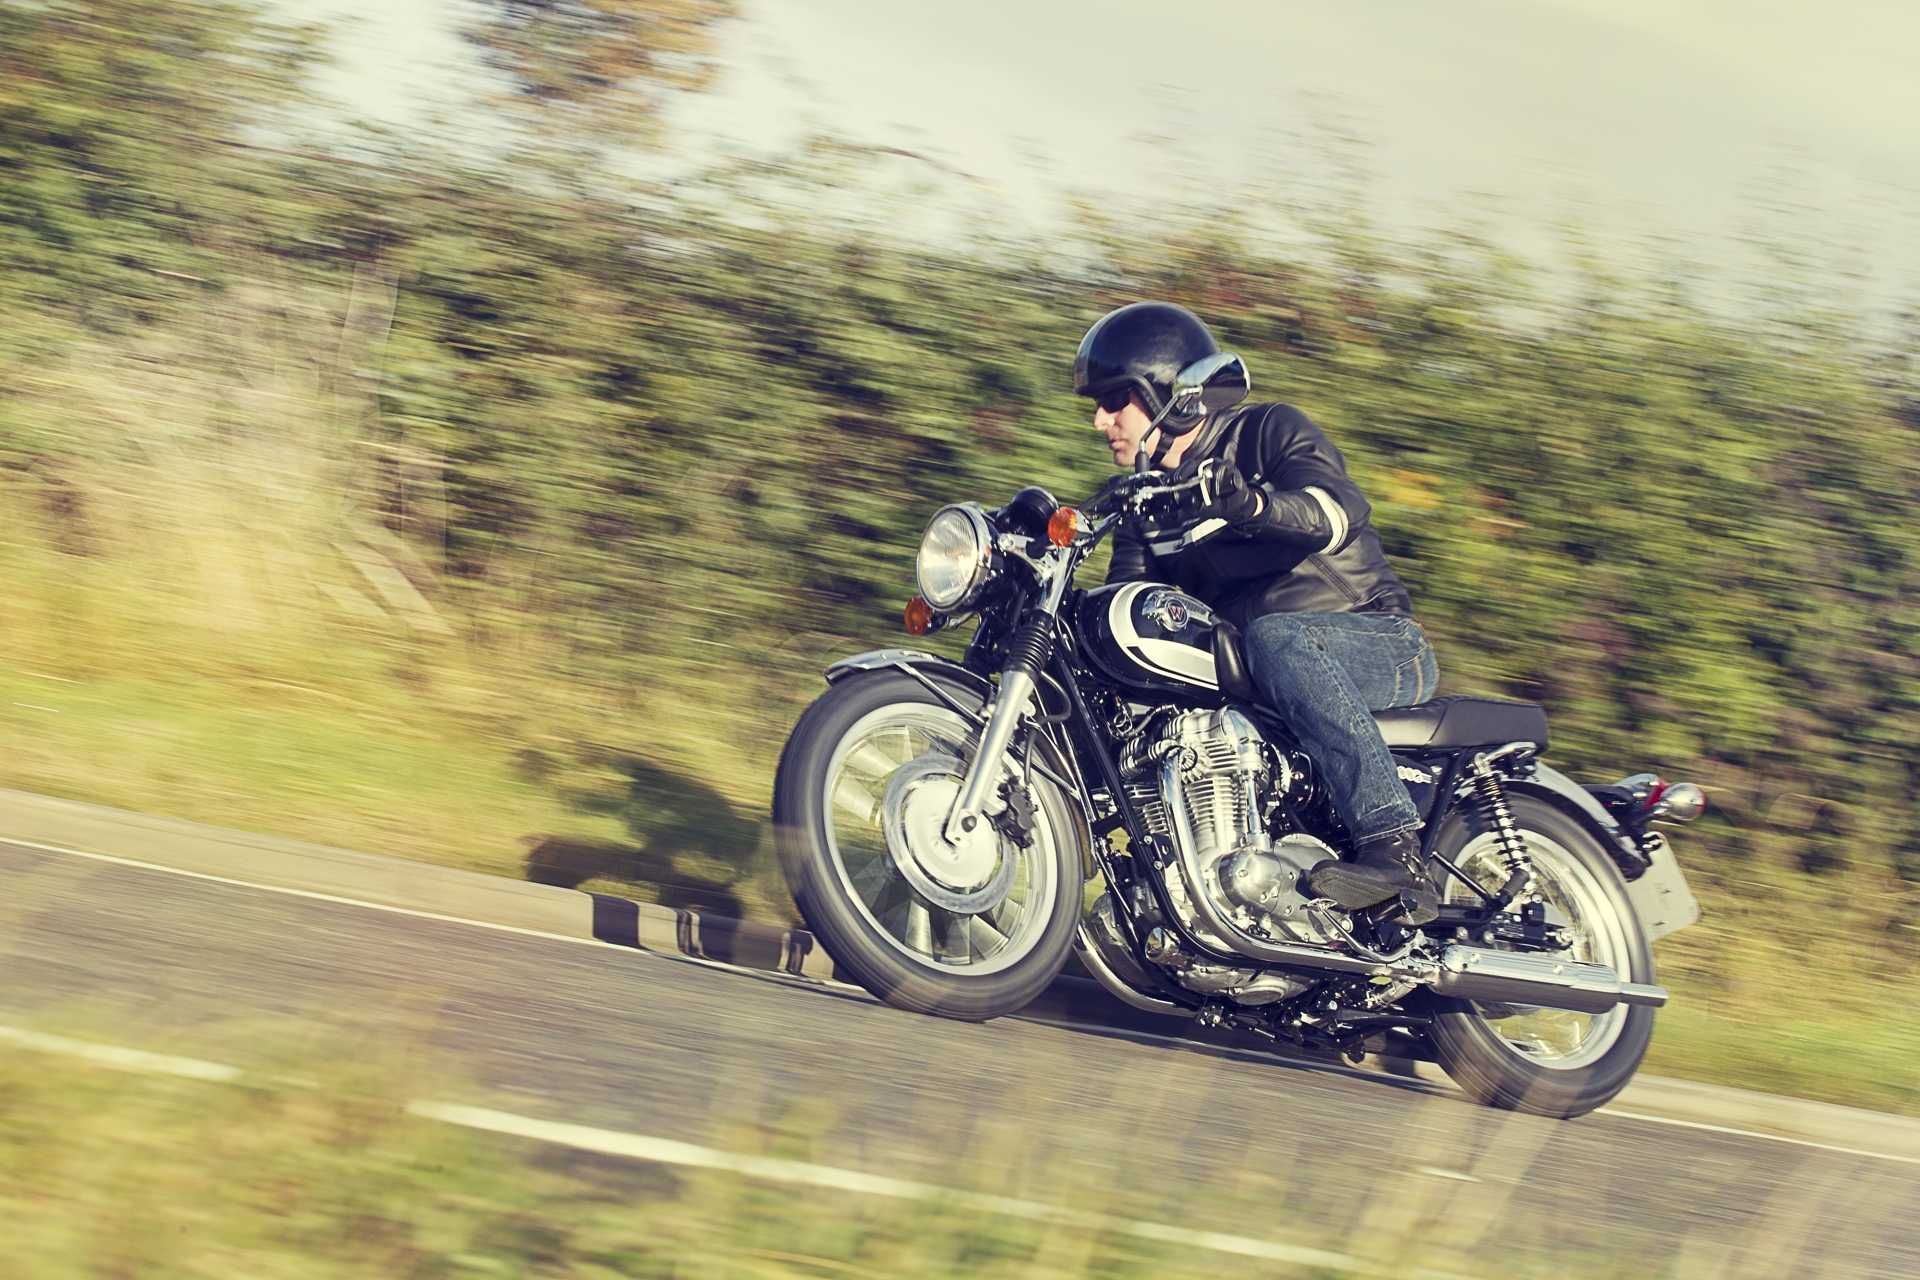 Motorrad fährt bergauf